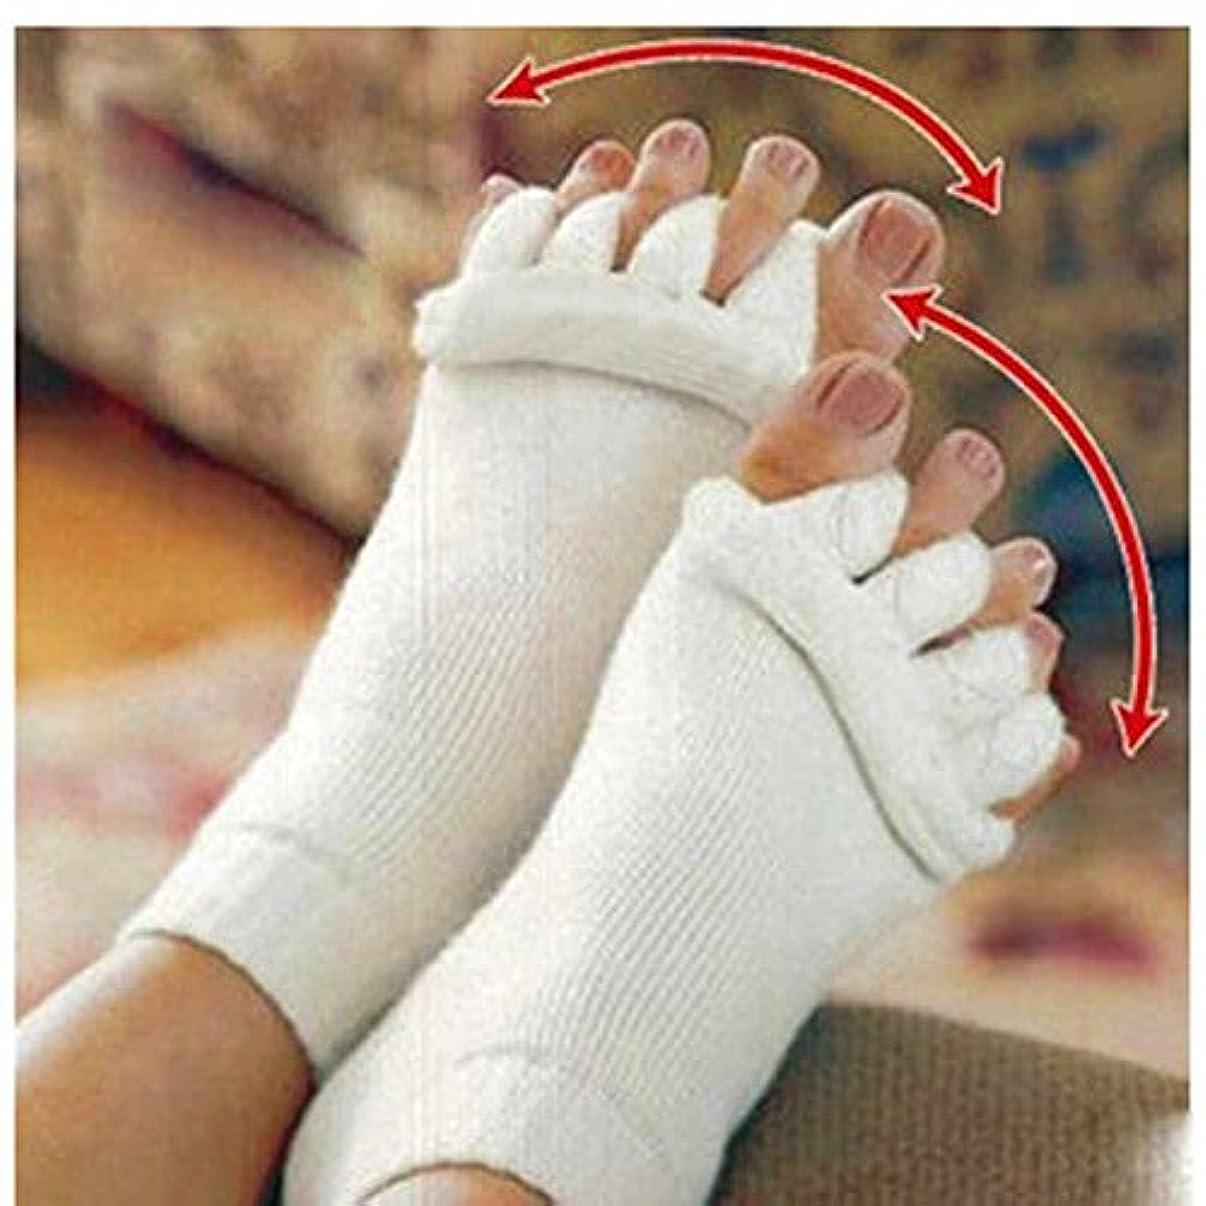 好き有効化もろいLorny(TM) 2個マッサージファイブつま先ソックス指セパレーター骨の親指女性ソックスのためにコレクターの痛みを軽減するソックスペディキュア足セパレーターについて